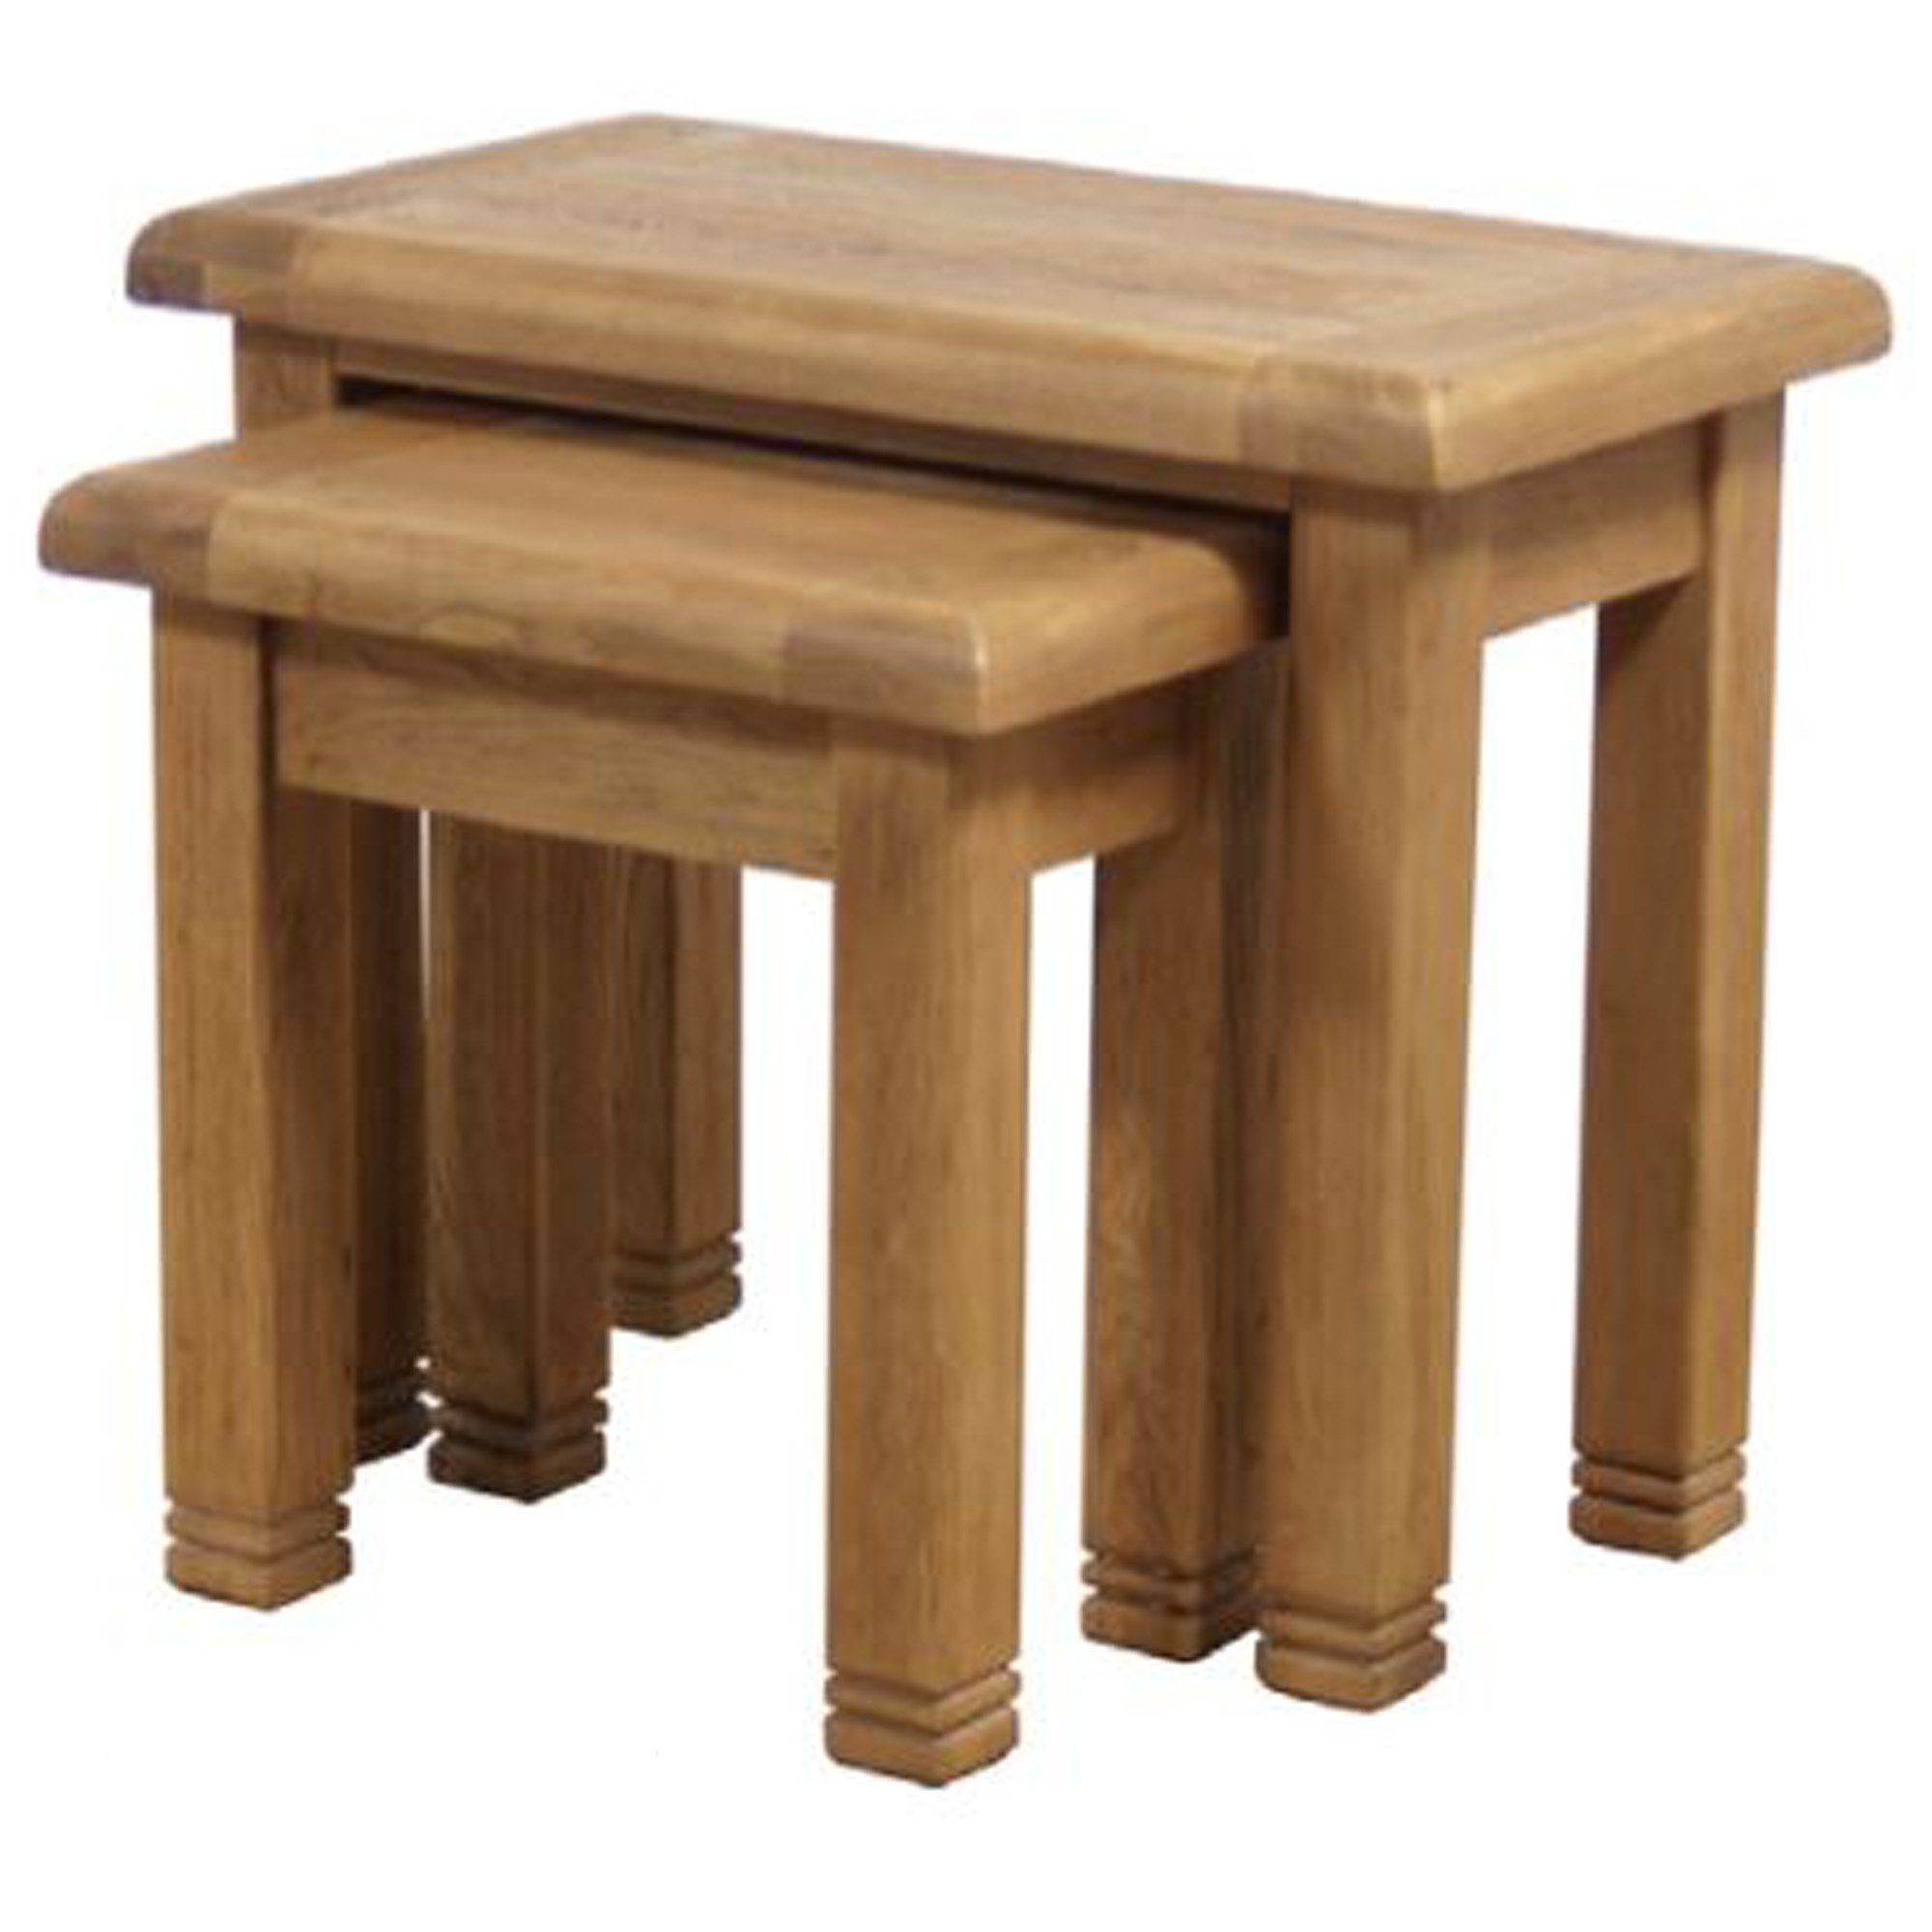 Danube Nest Tables Nest Tables Homesdirect365